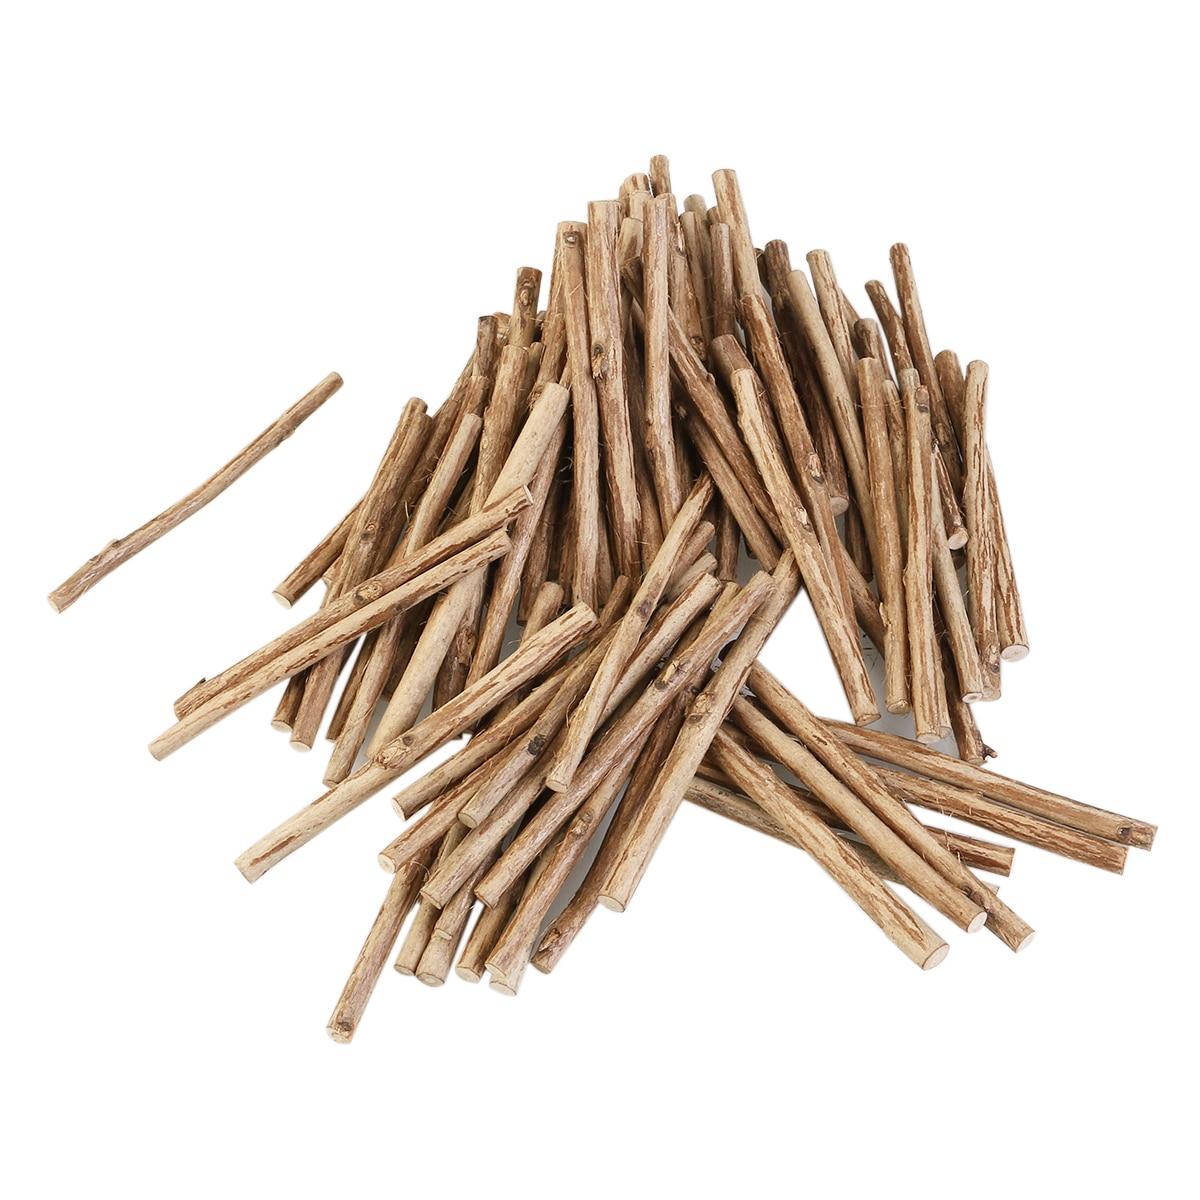 Long wooden craft sticks - 100pcs 10cm Long 0 5 0 8cm In Diameter Wood Log Sticks Wood Natural Color Round Lollipop Popsicle Sticks For Kids Diy Crafts